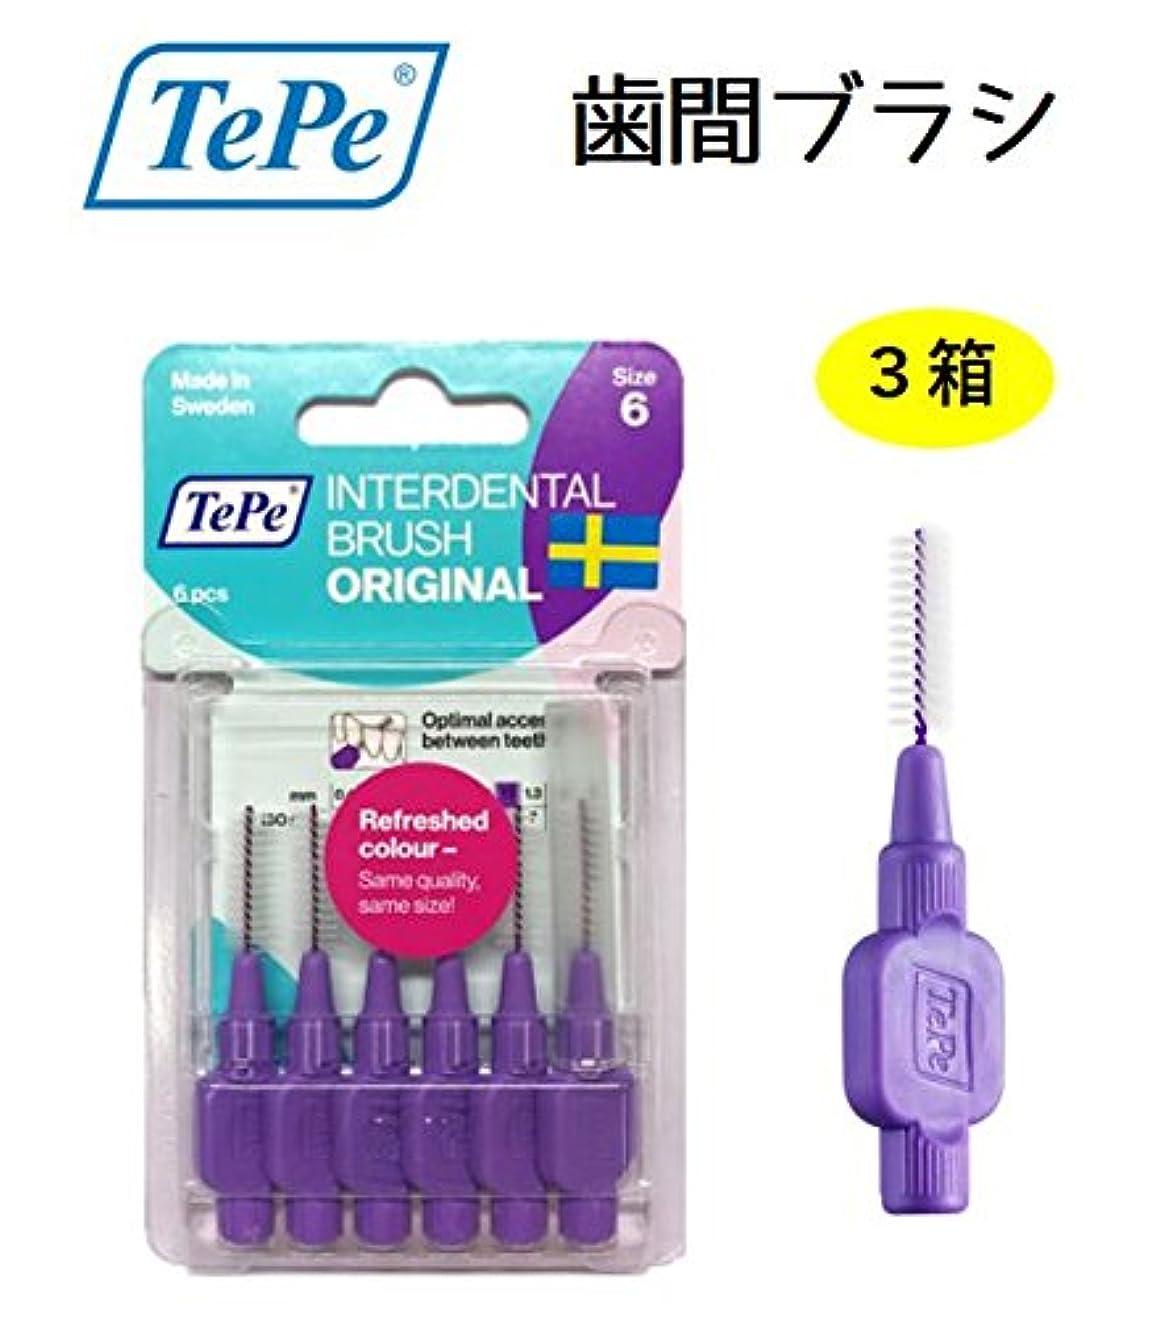 検索エンジン最適化ロータリー噂テペ 歯間プラシ 1.1mm ブリスターパック 3パック TePe IDブラシ